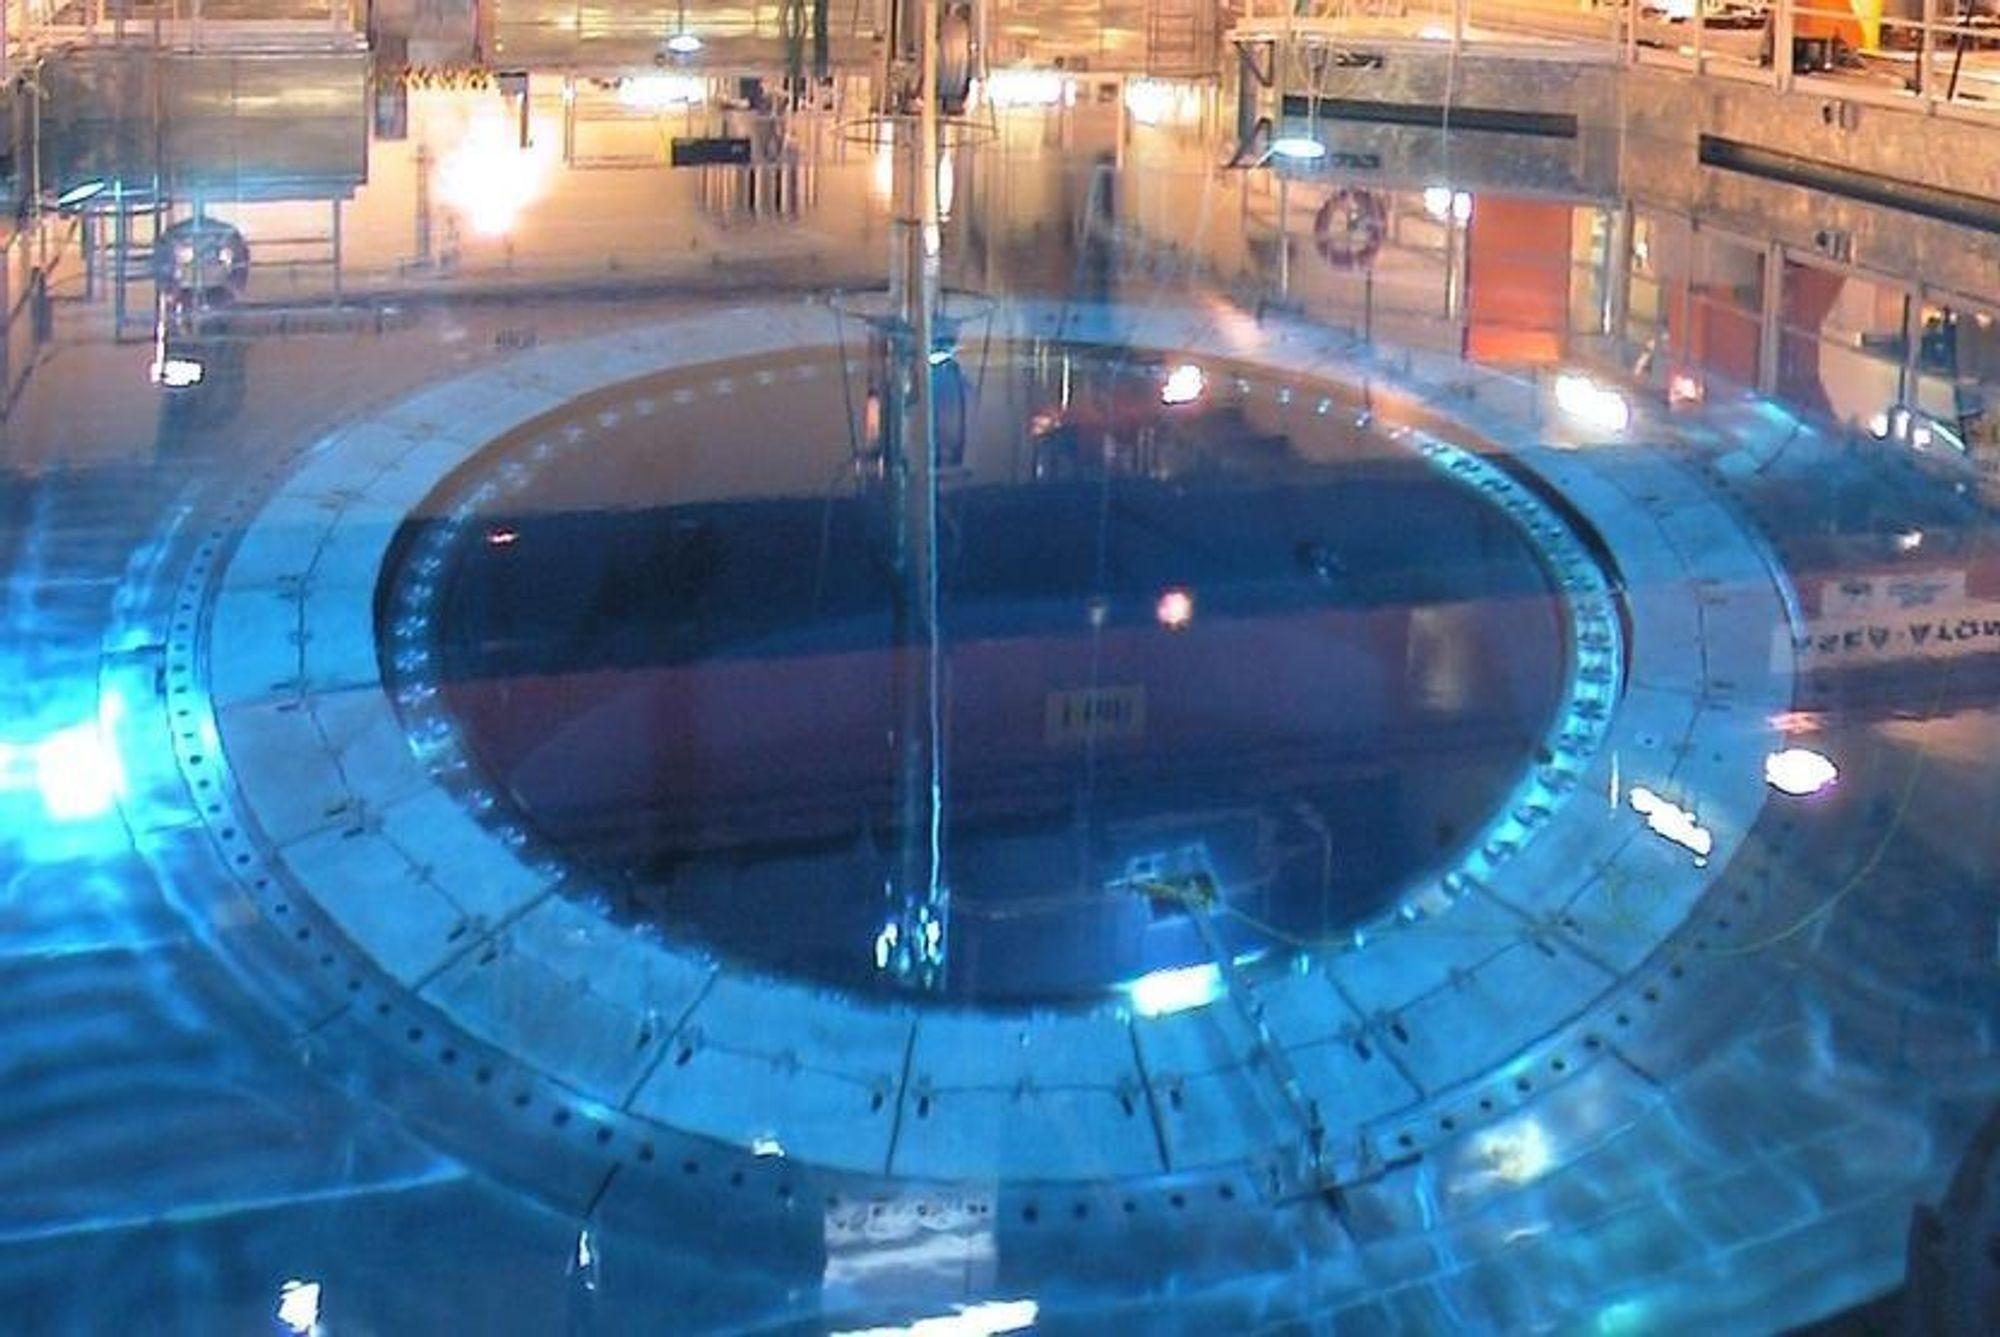 OKG utsetter revisjonen av Oskarshamn 2. Det betyr at den først skal startes opp igjen i november. Foto: OKG